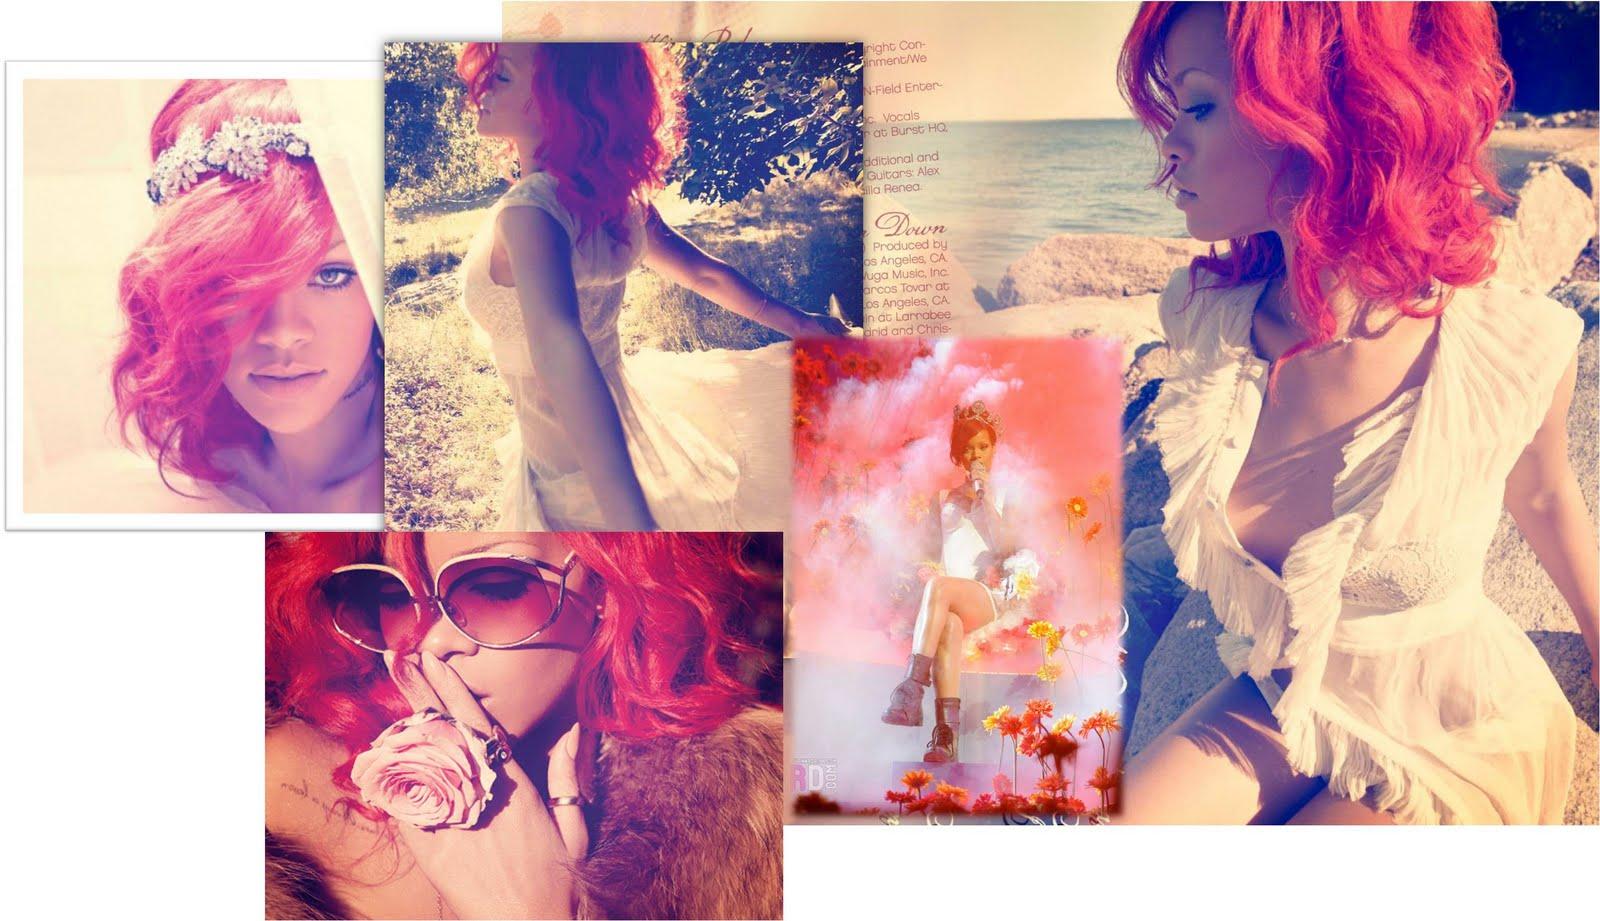 http://4.bp.blogspot.com/_Ve_zLhnAxe4/TN53QR3yAtI/AAAAAAAABXs/cH2YJJkCius/s1600/Picture1.jpg